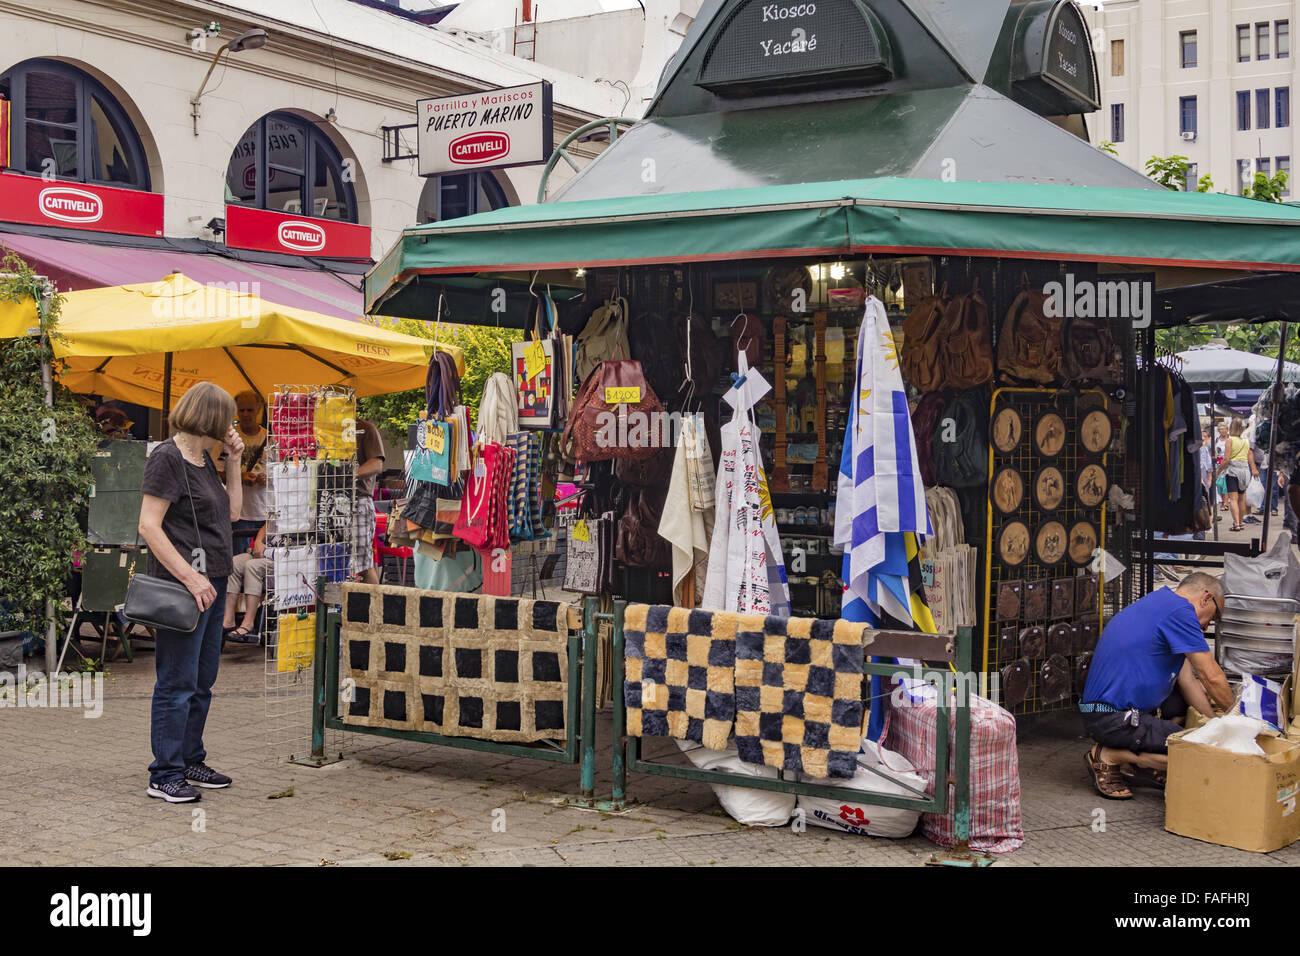 El Mercado del Puerto, MONTIVIDEO, URUGUAY - Diciembre de 2015. Imagen De Stock